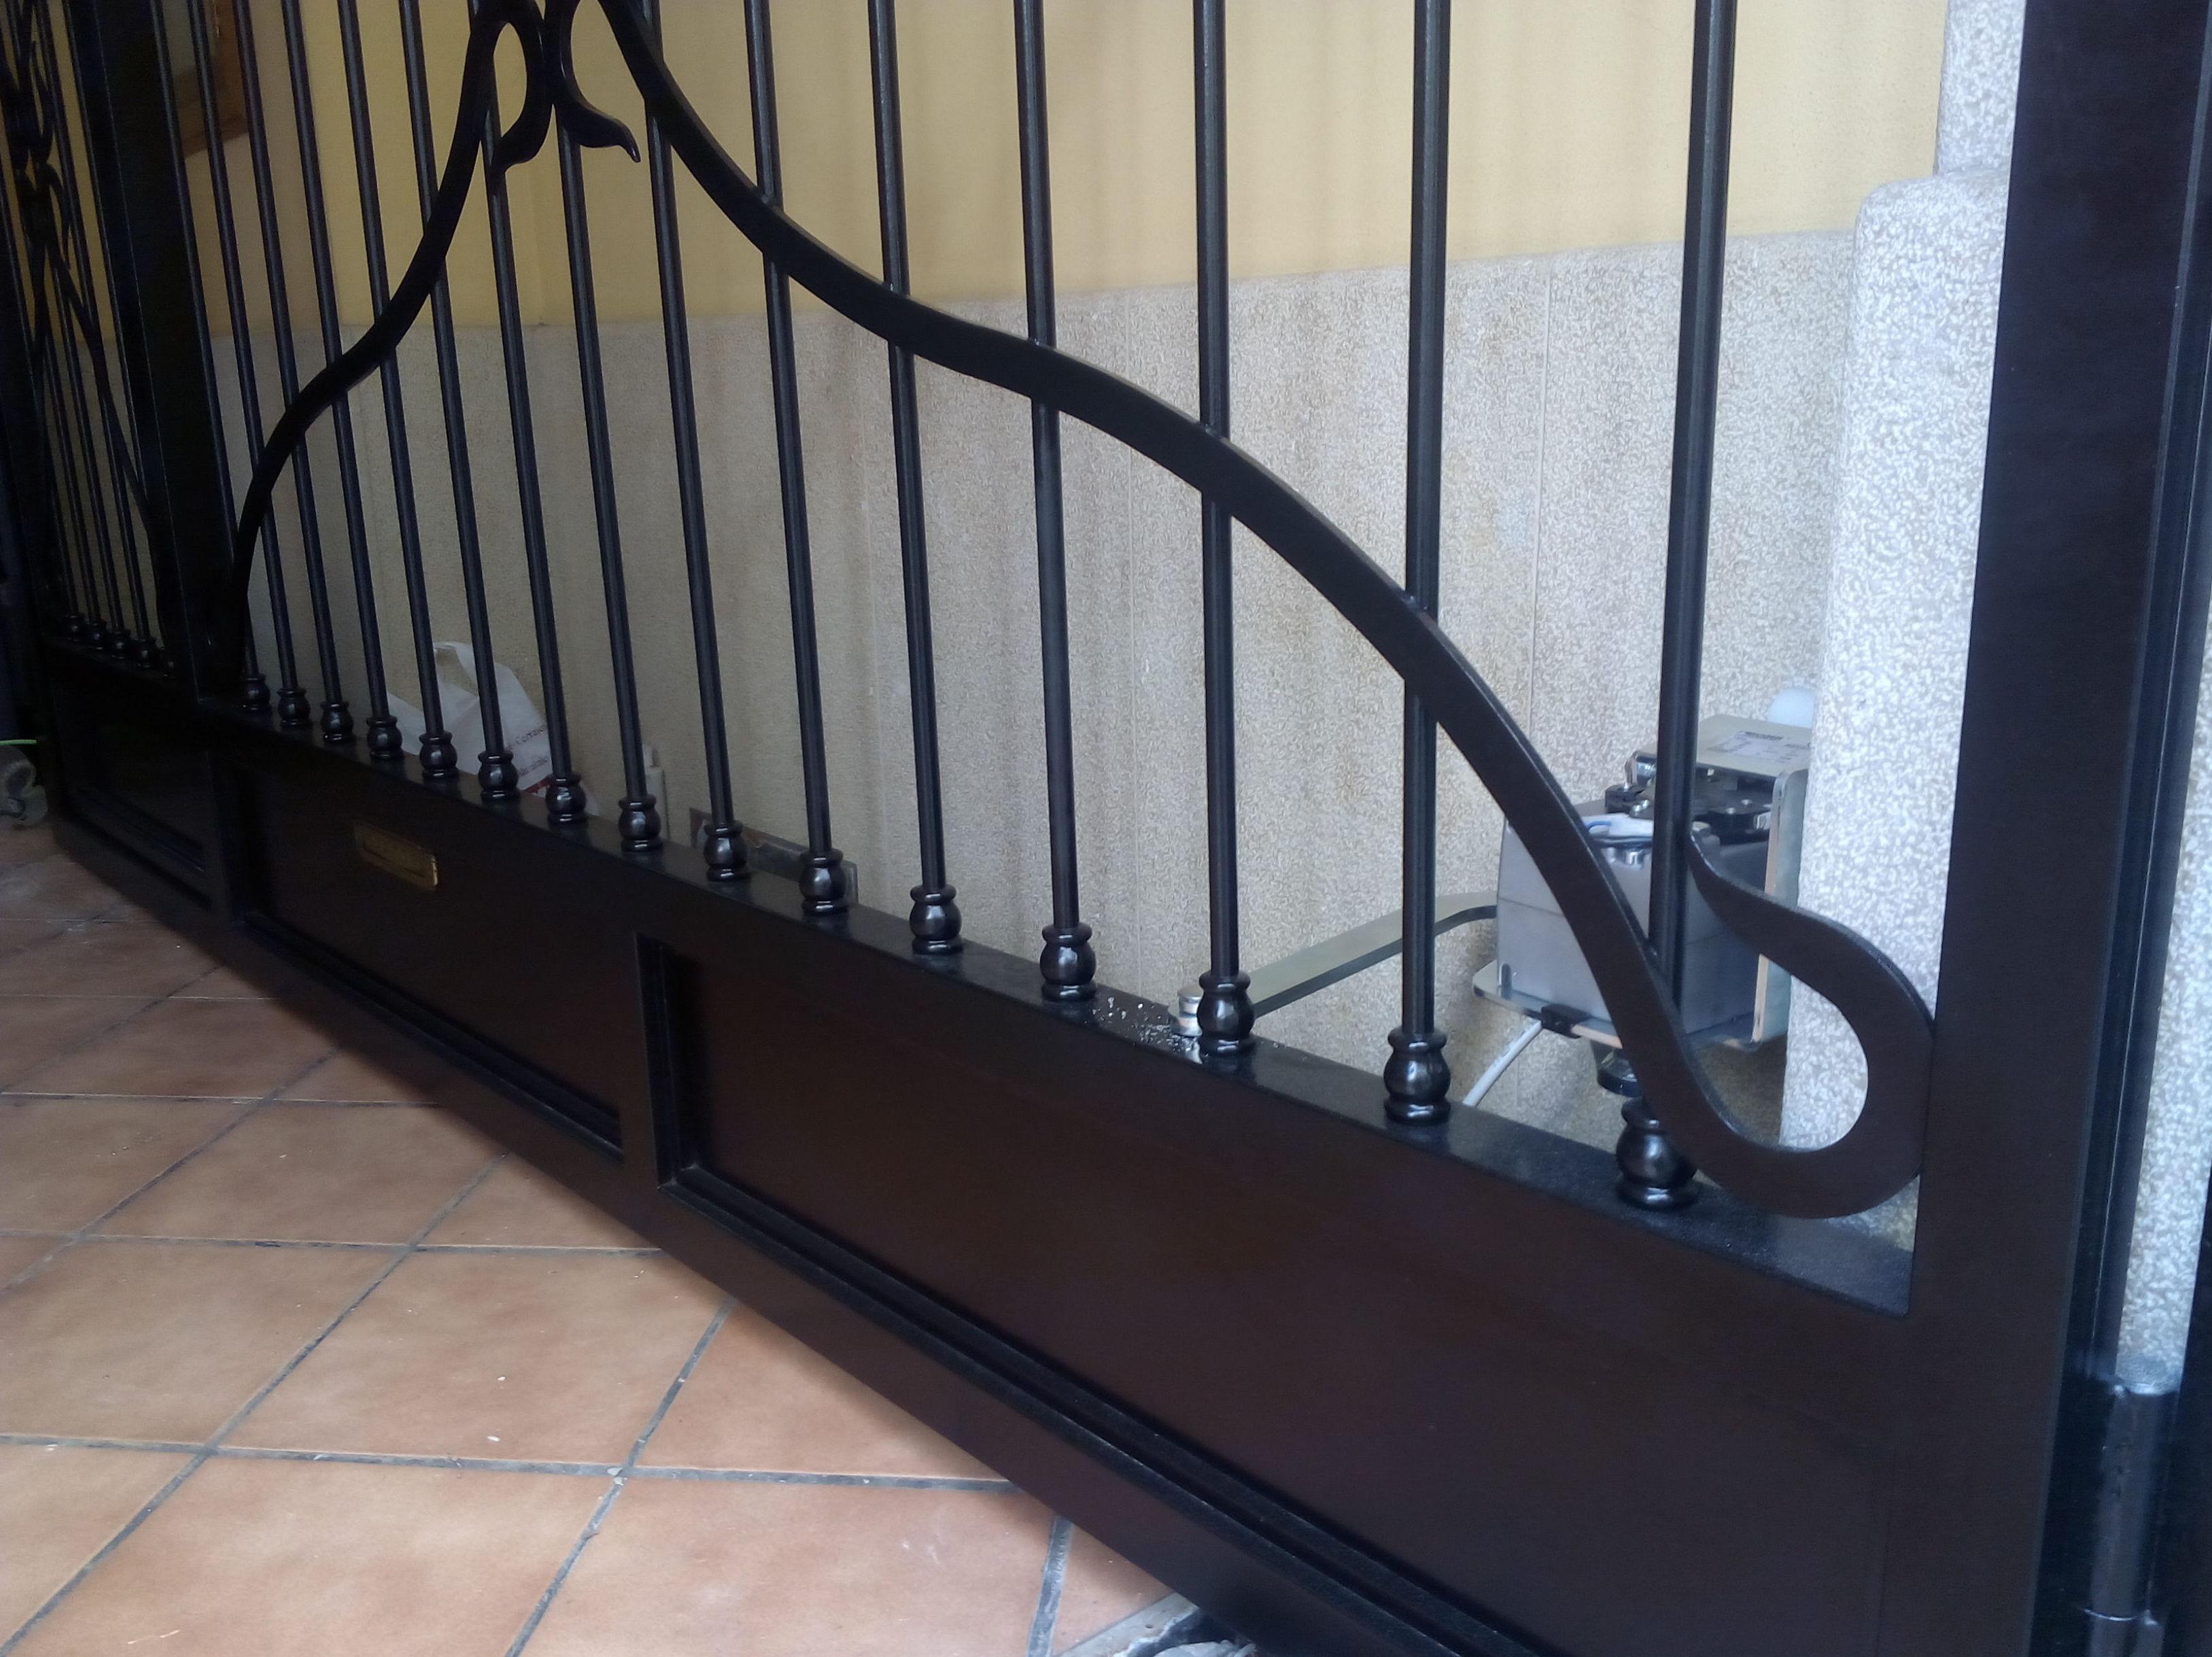 instalación de motor con brazo articulado de puerta batiente